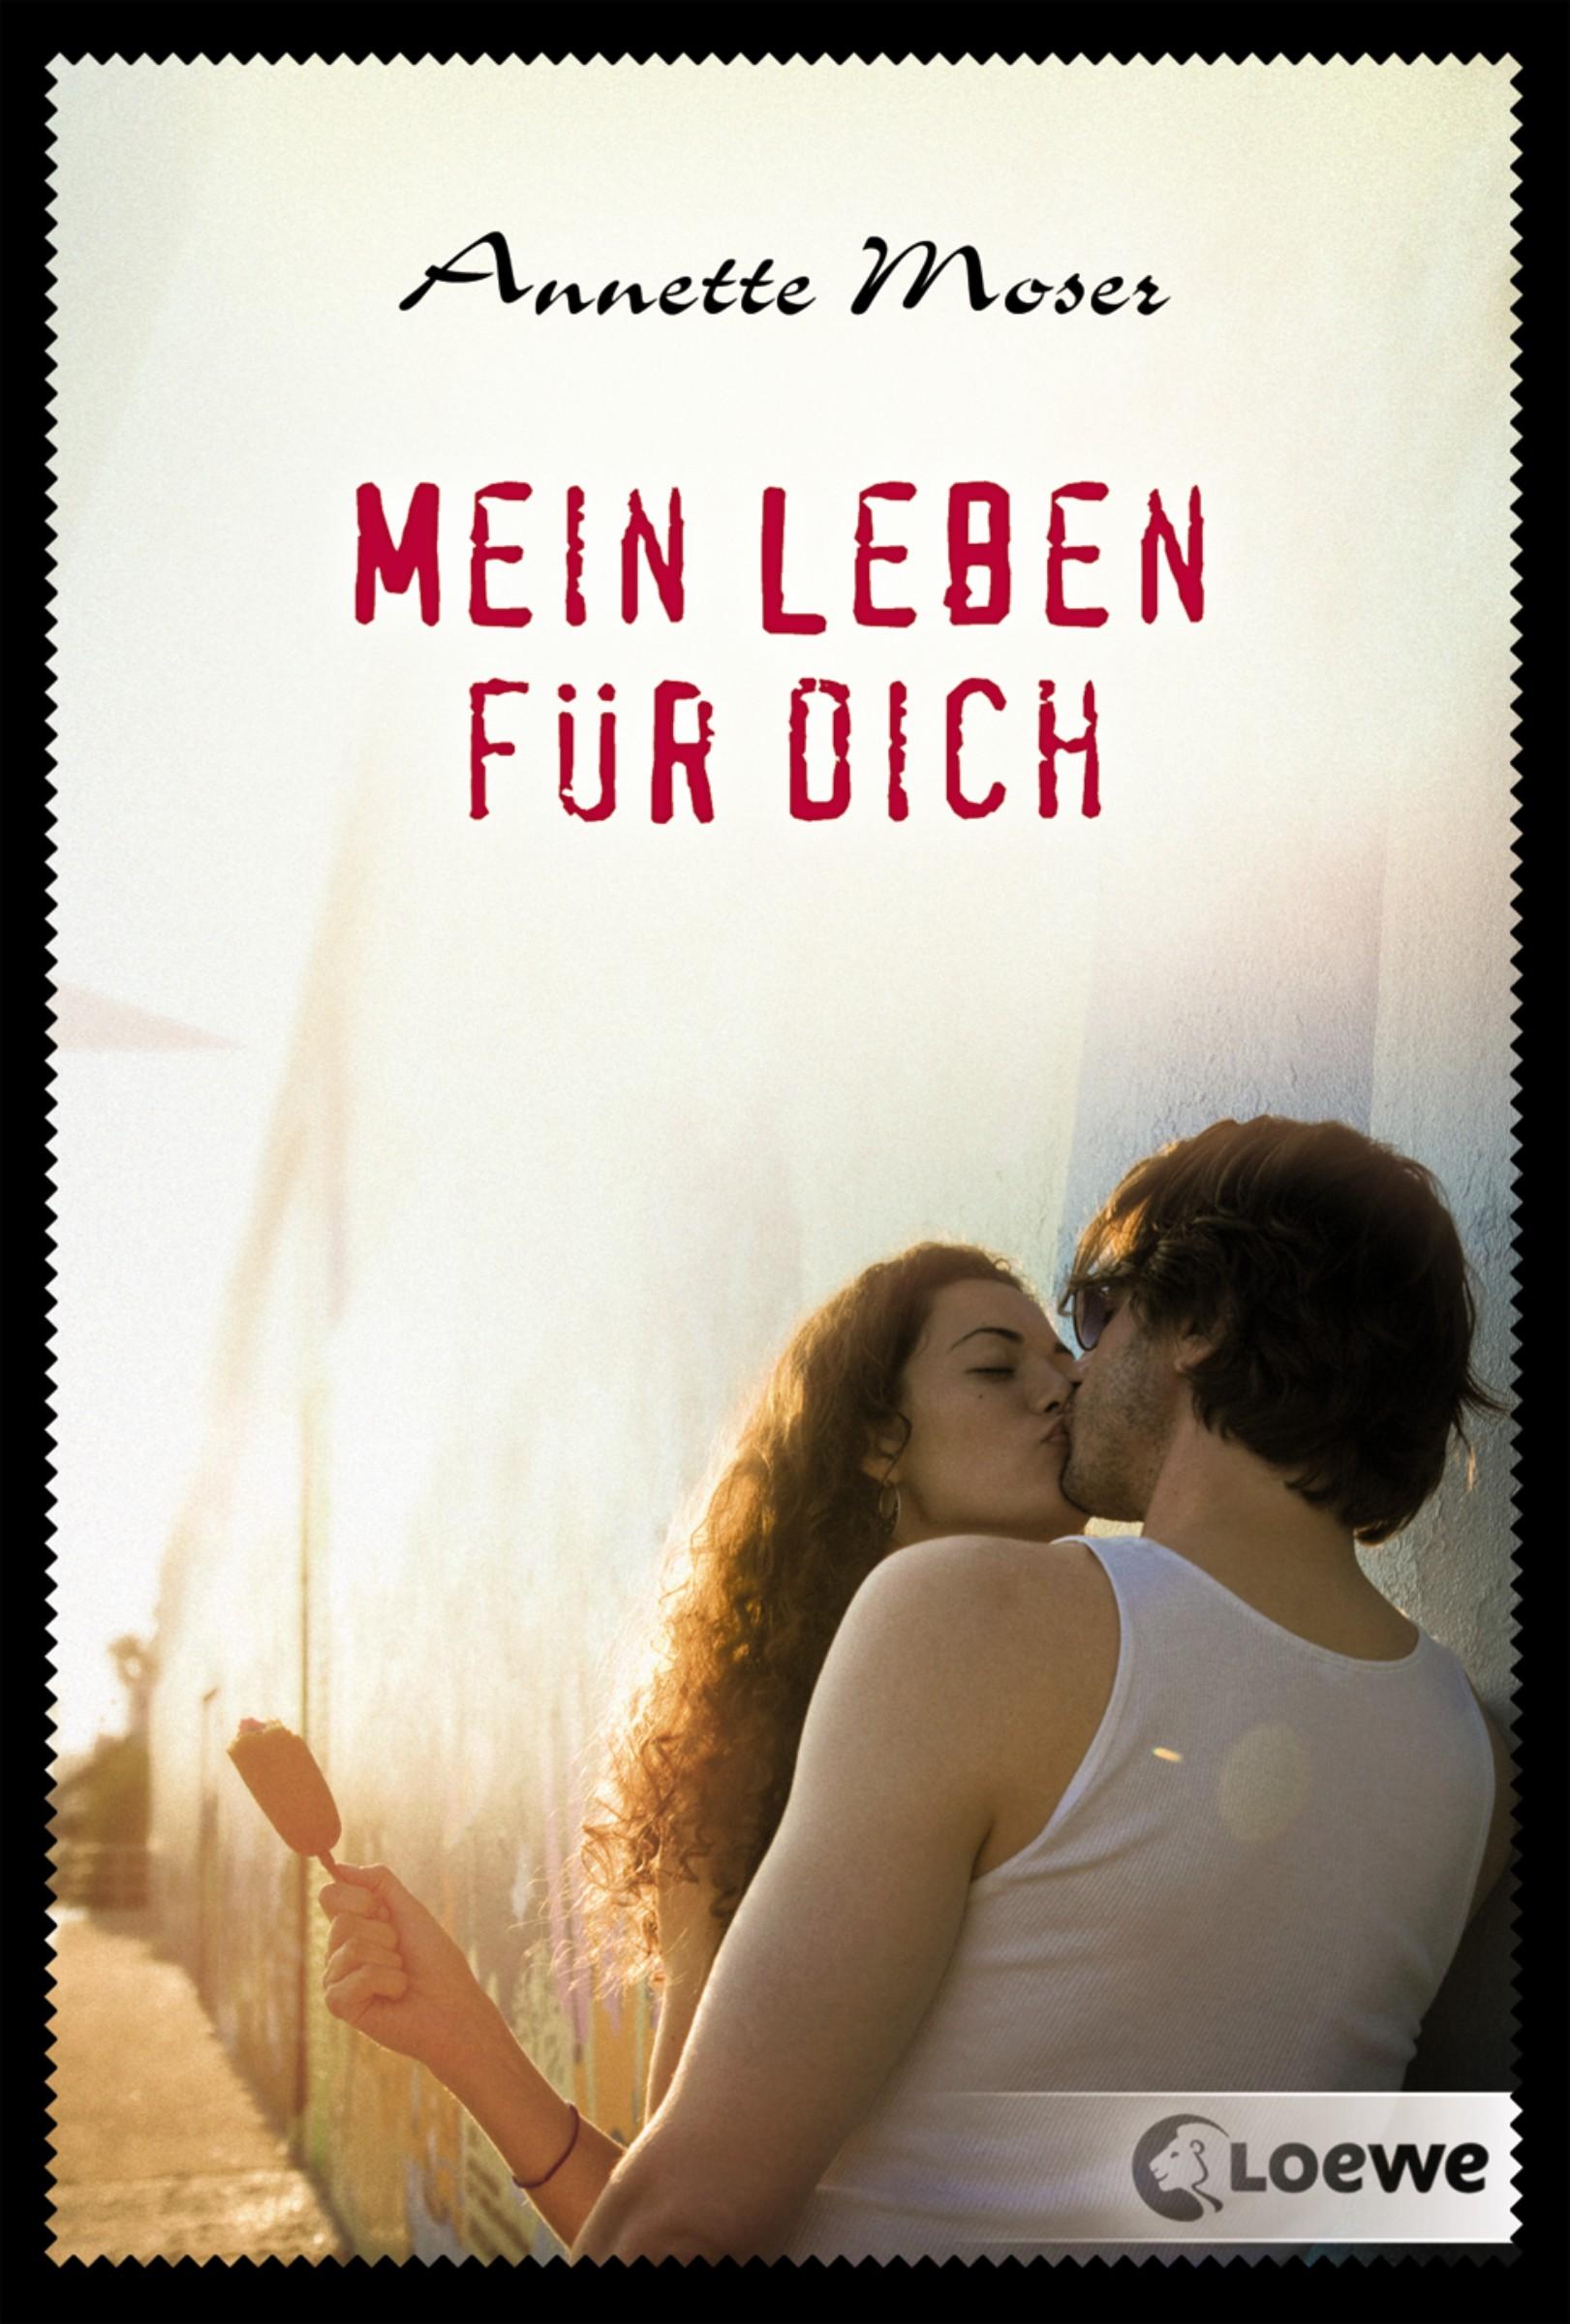 Annette Moser Mein Leben für dich